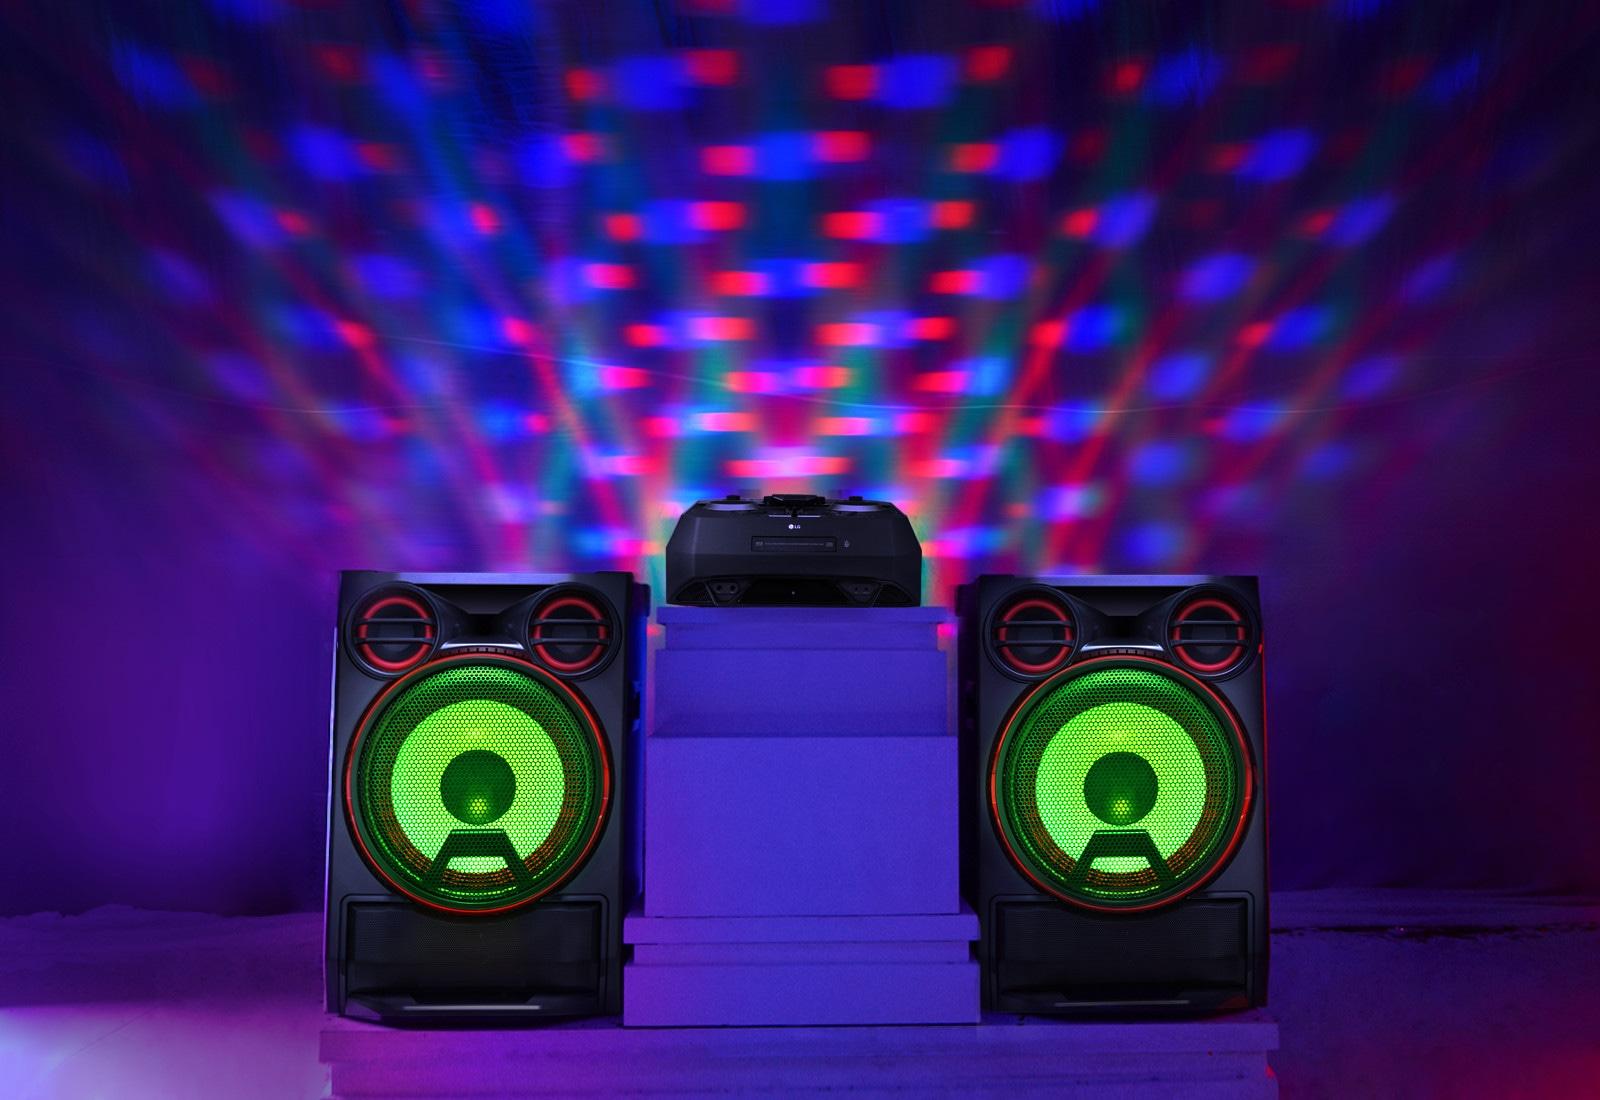 03_CK99_Light_Up_Your_Party_Desktop